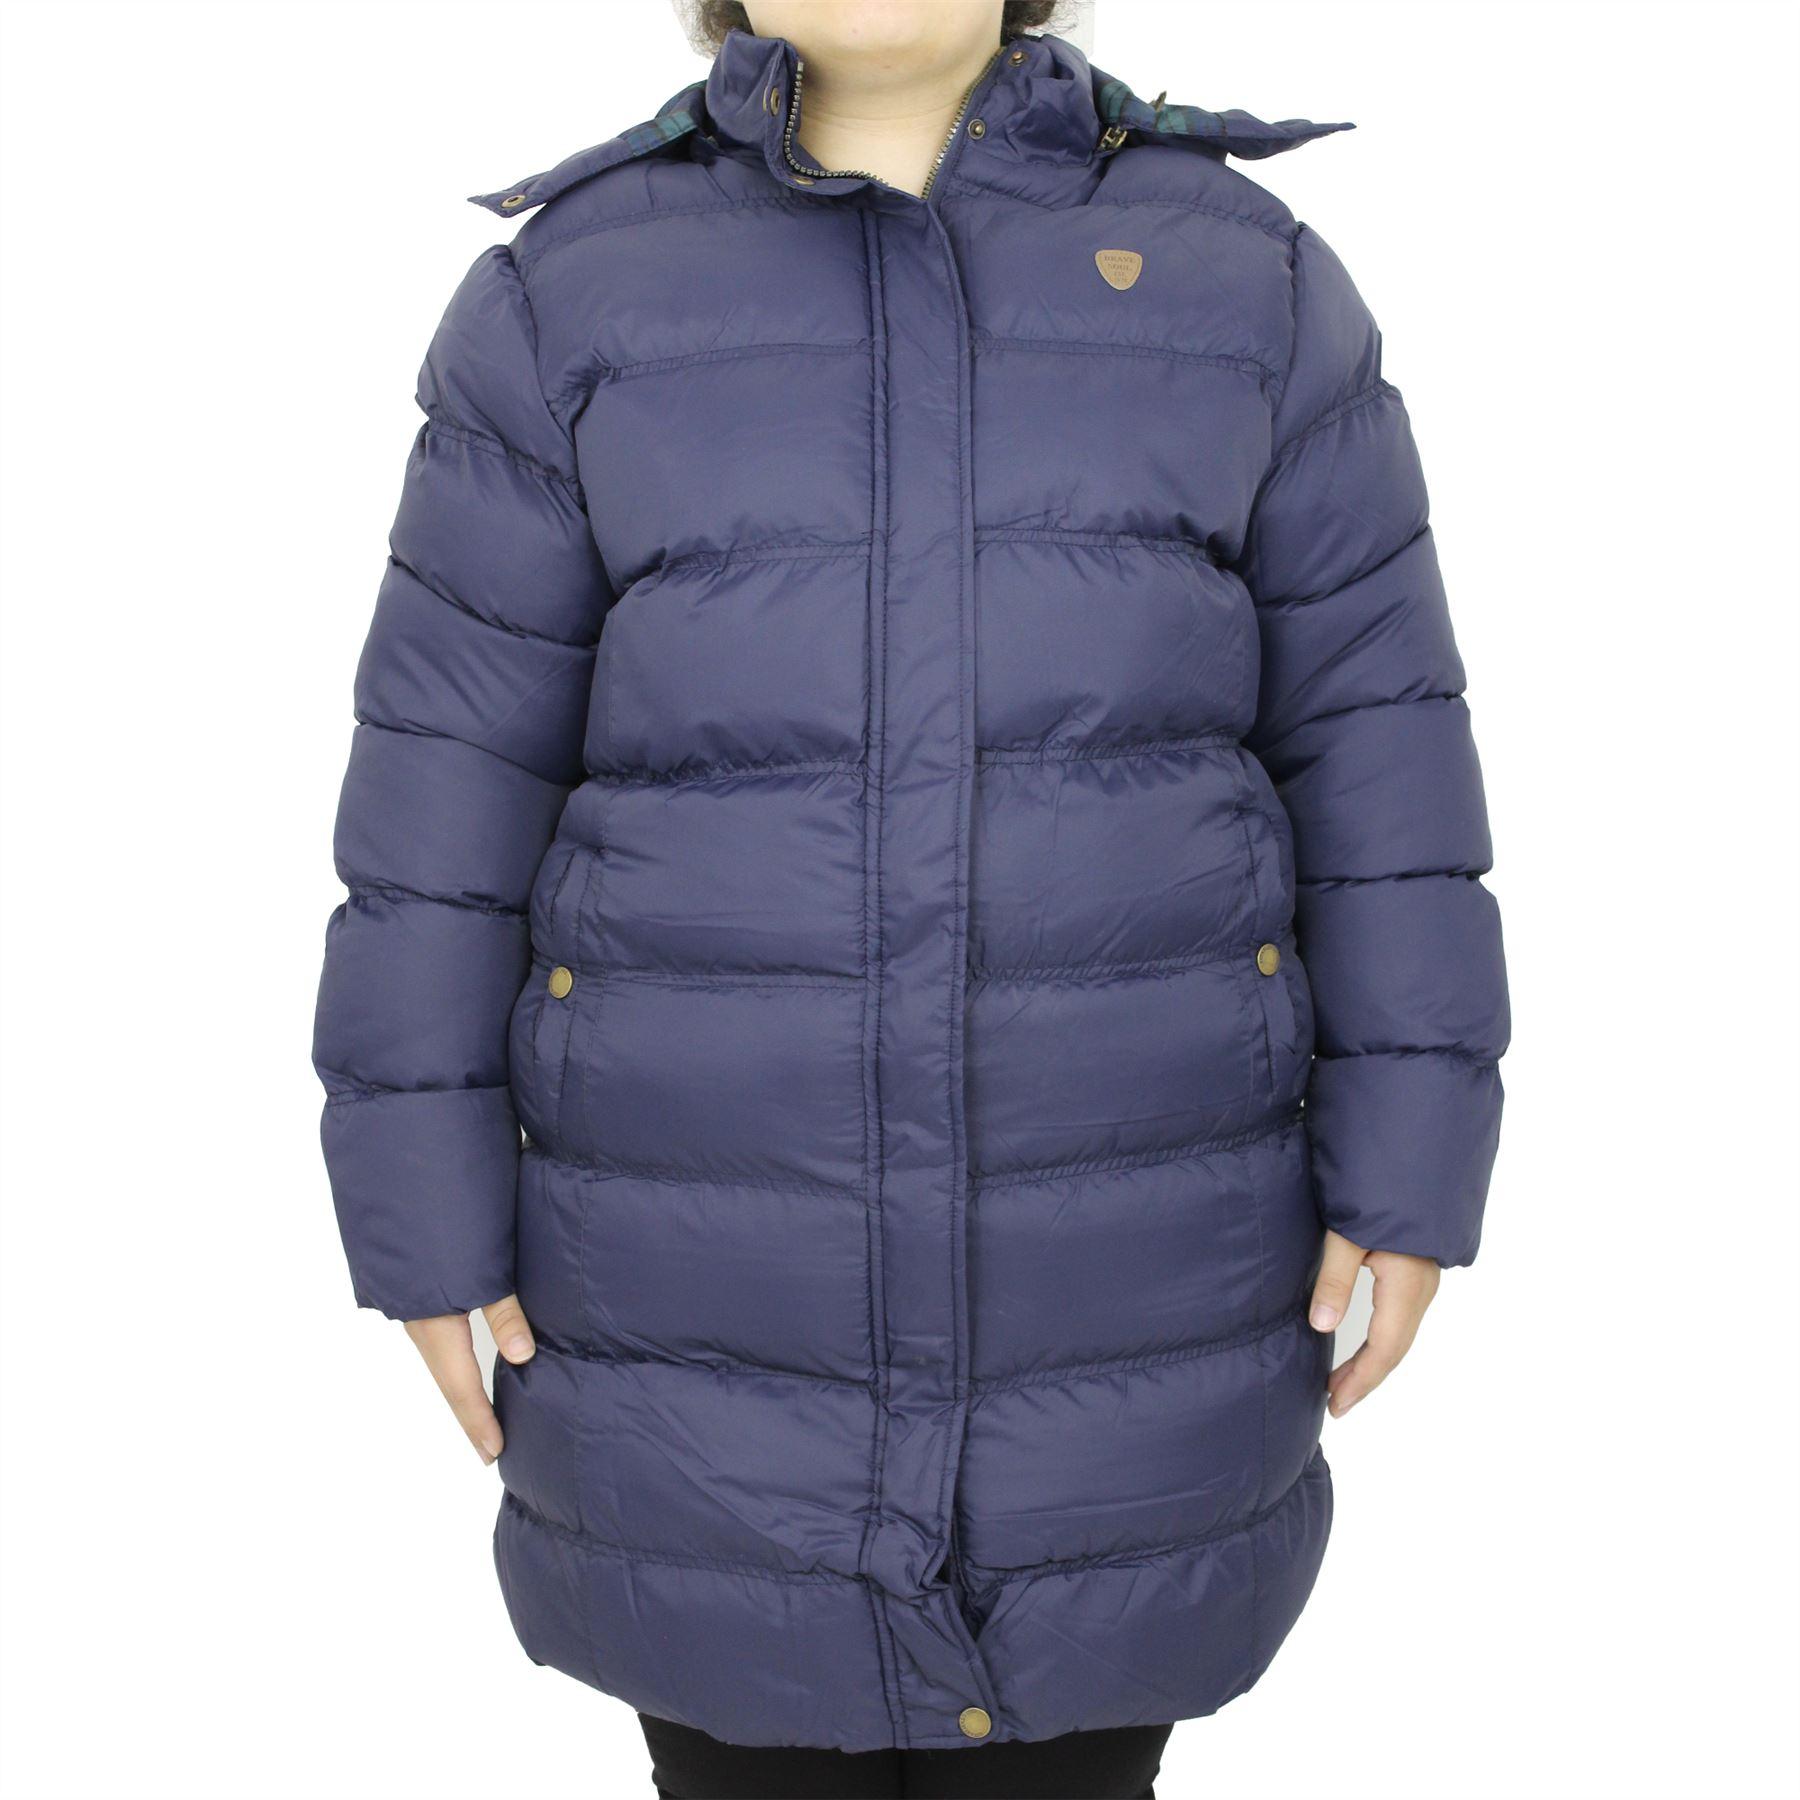 Womens coats size 22